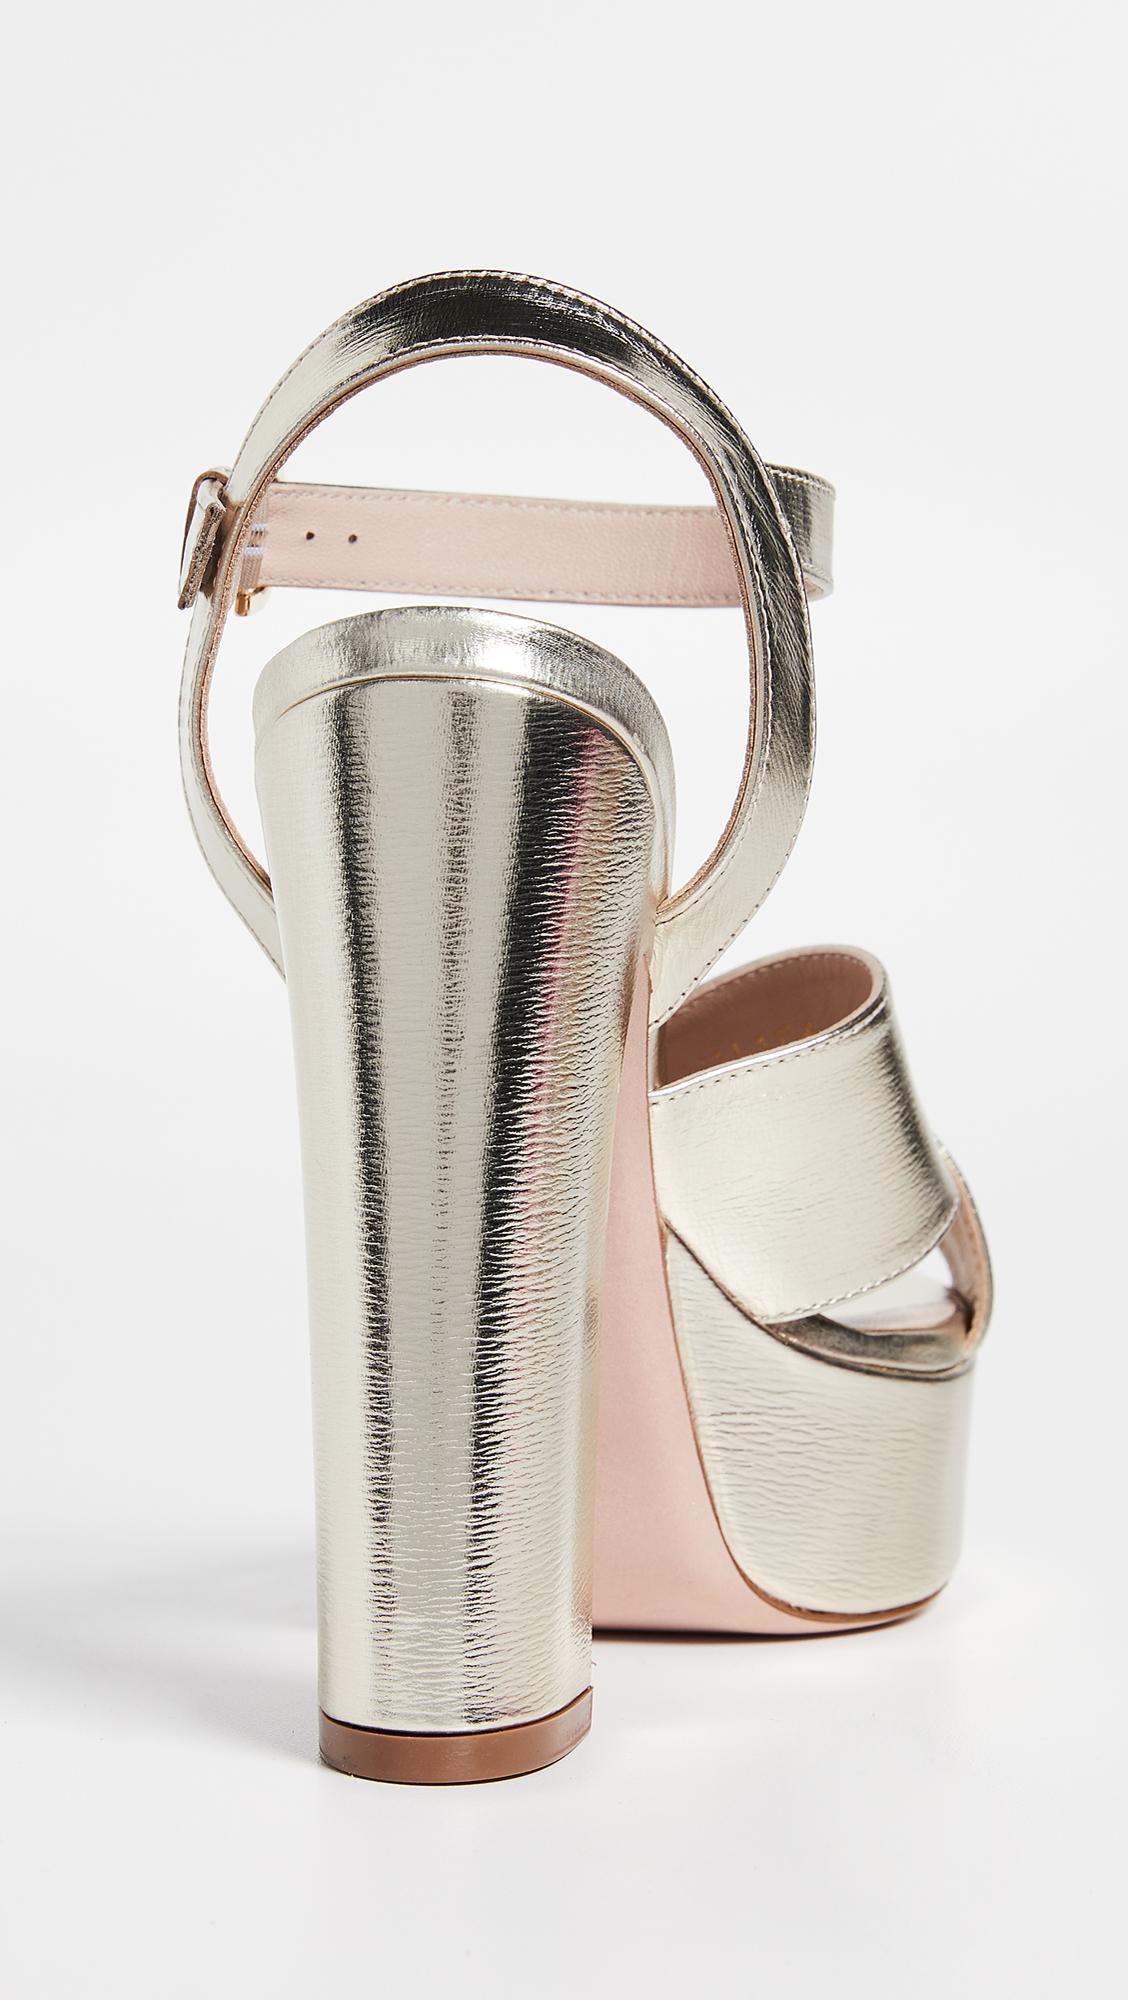 022b1397f402 Stuart Weitzman Joni Platform Sandals